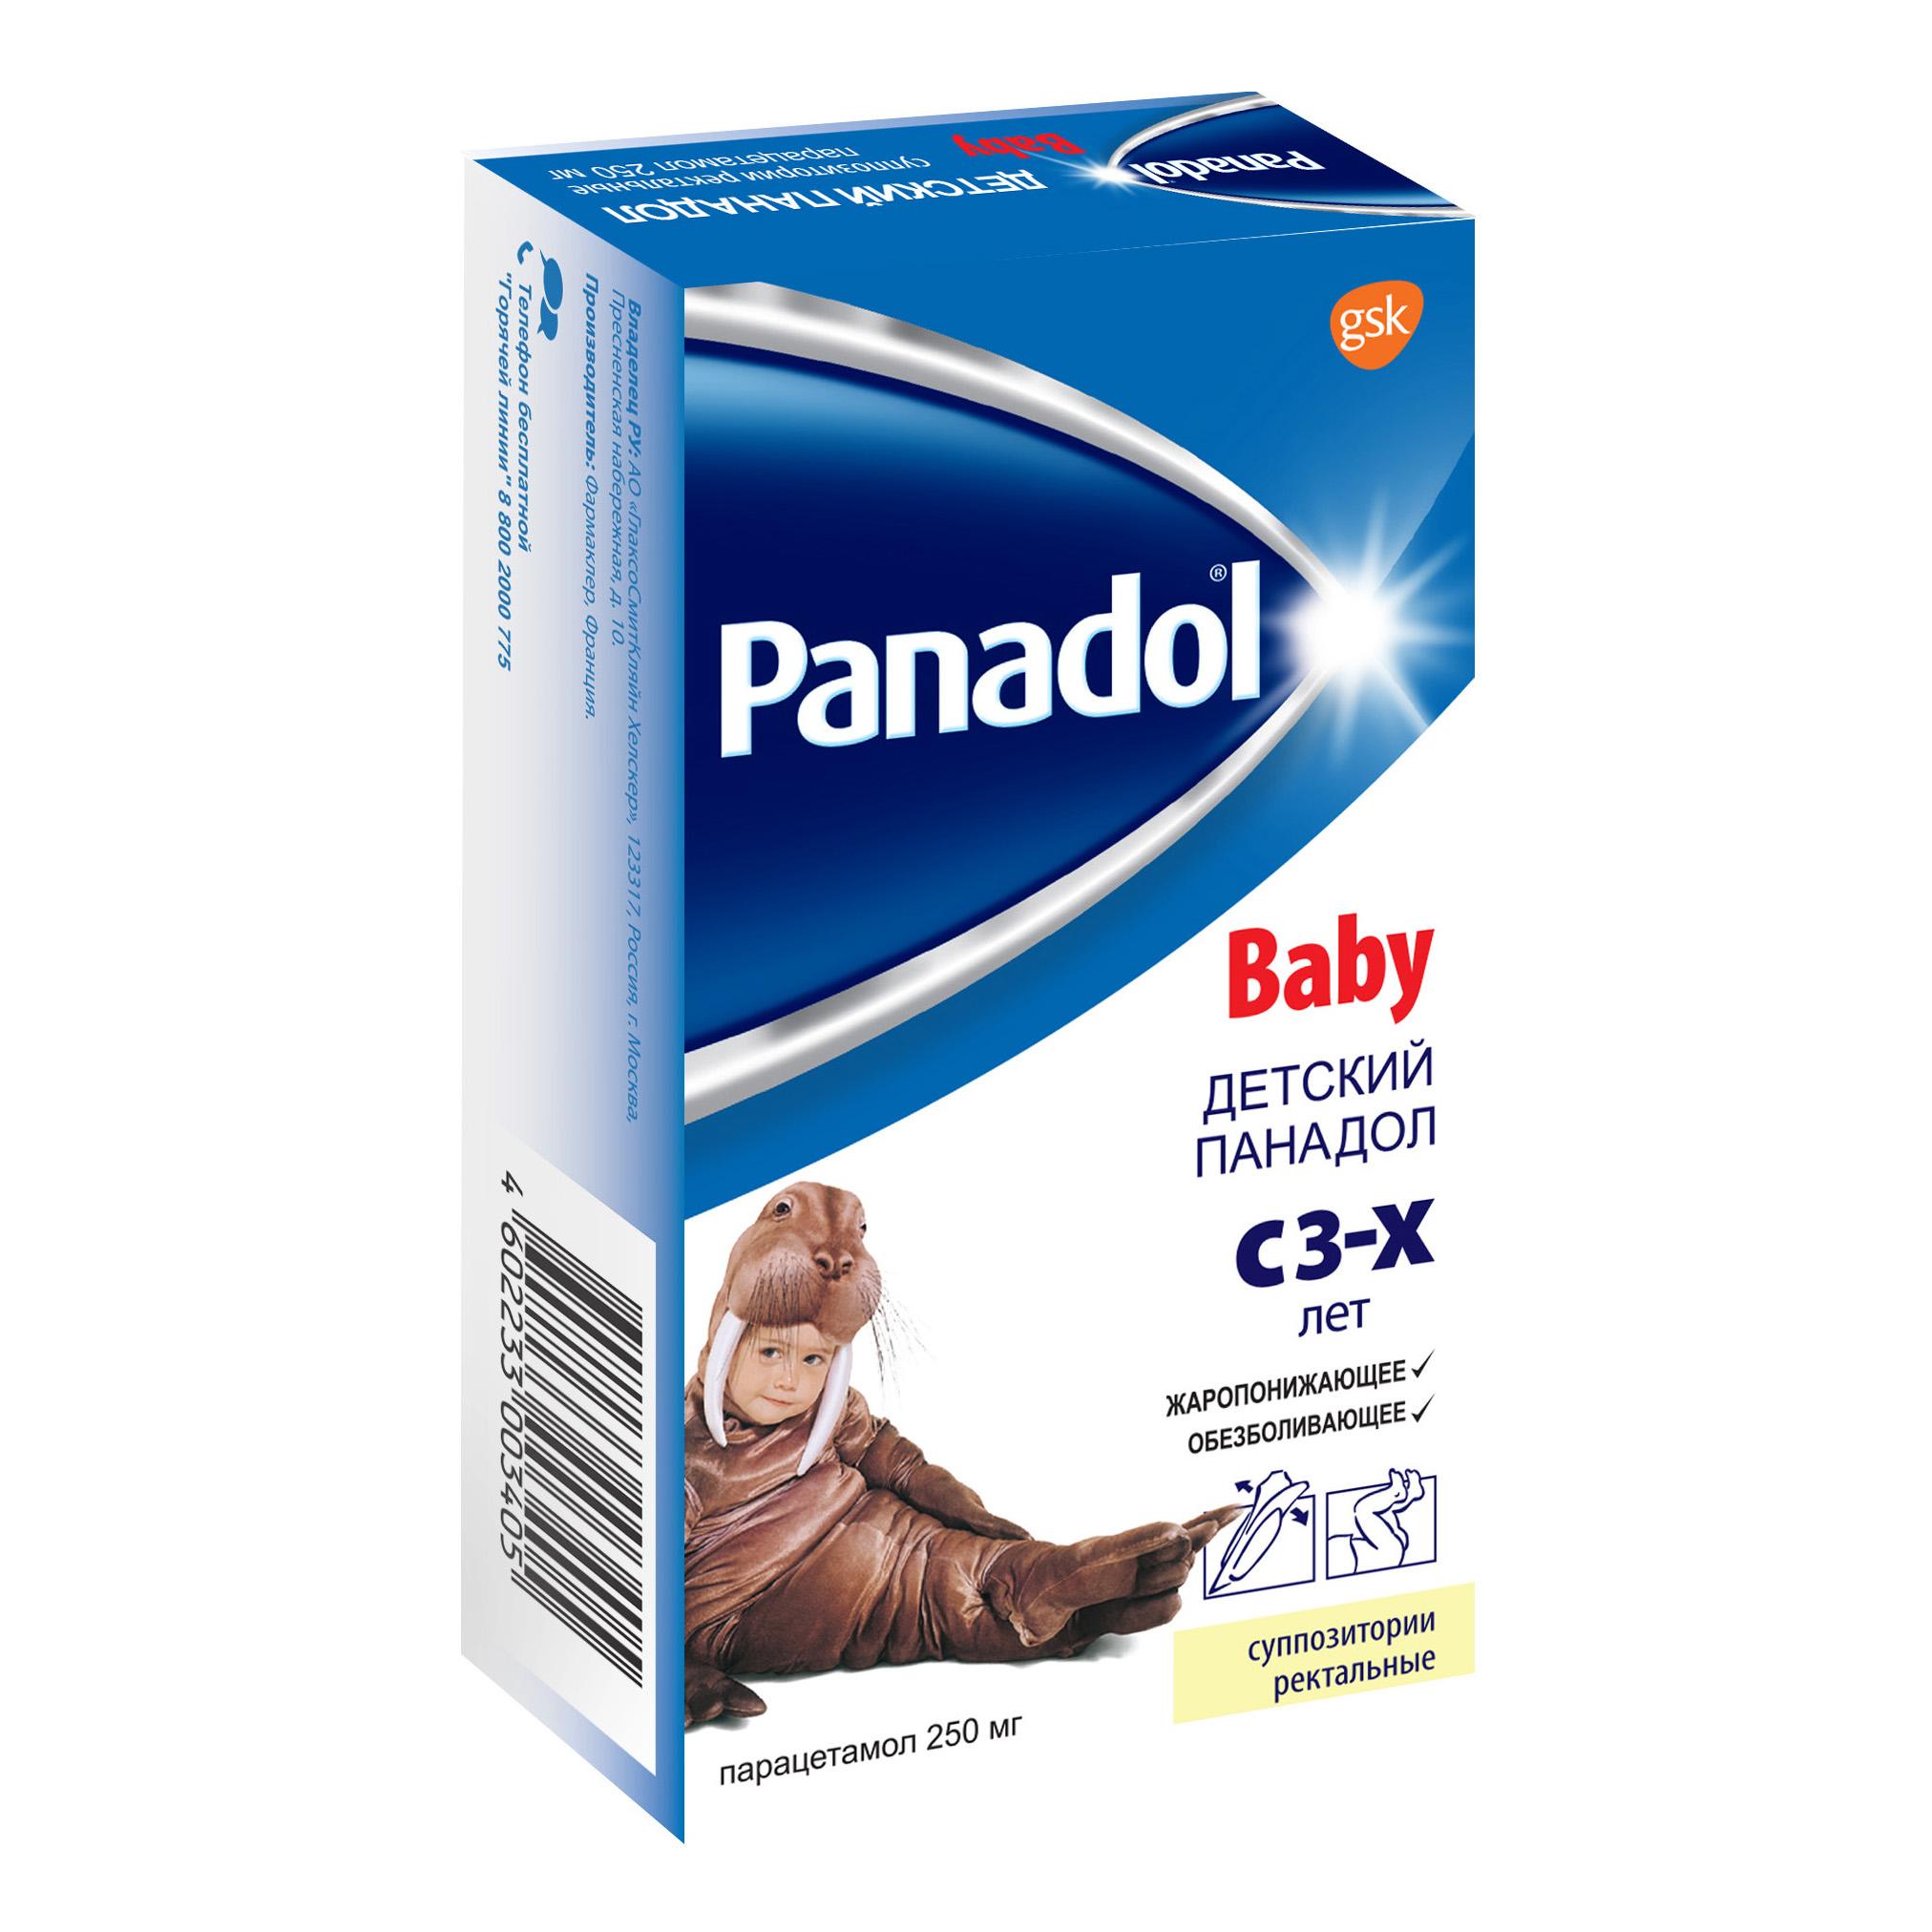 Панадол Детский жаропонижающее и болеутоляющее средство, суппозитории 250мг, 10 шт